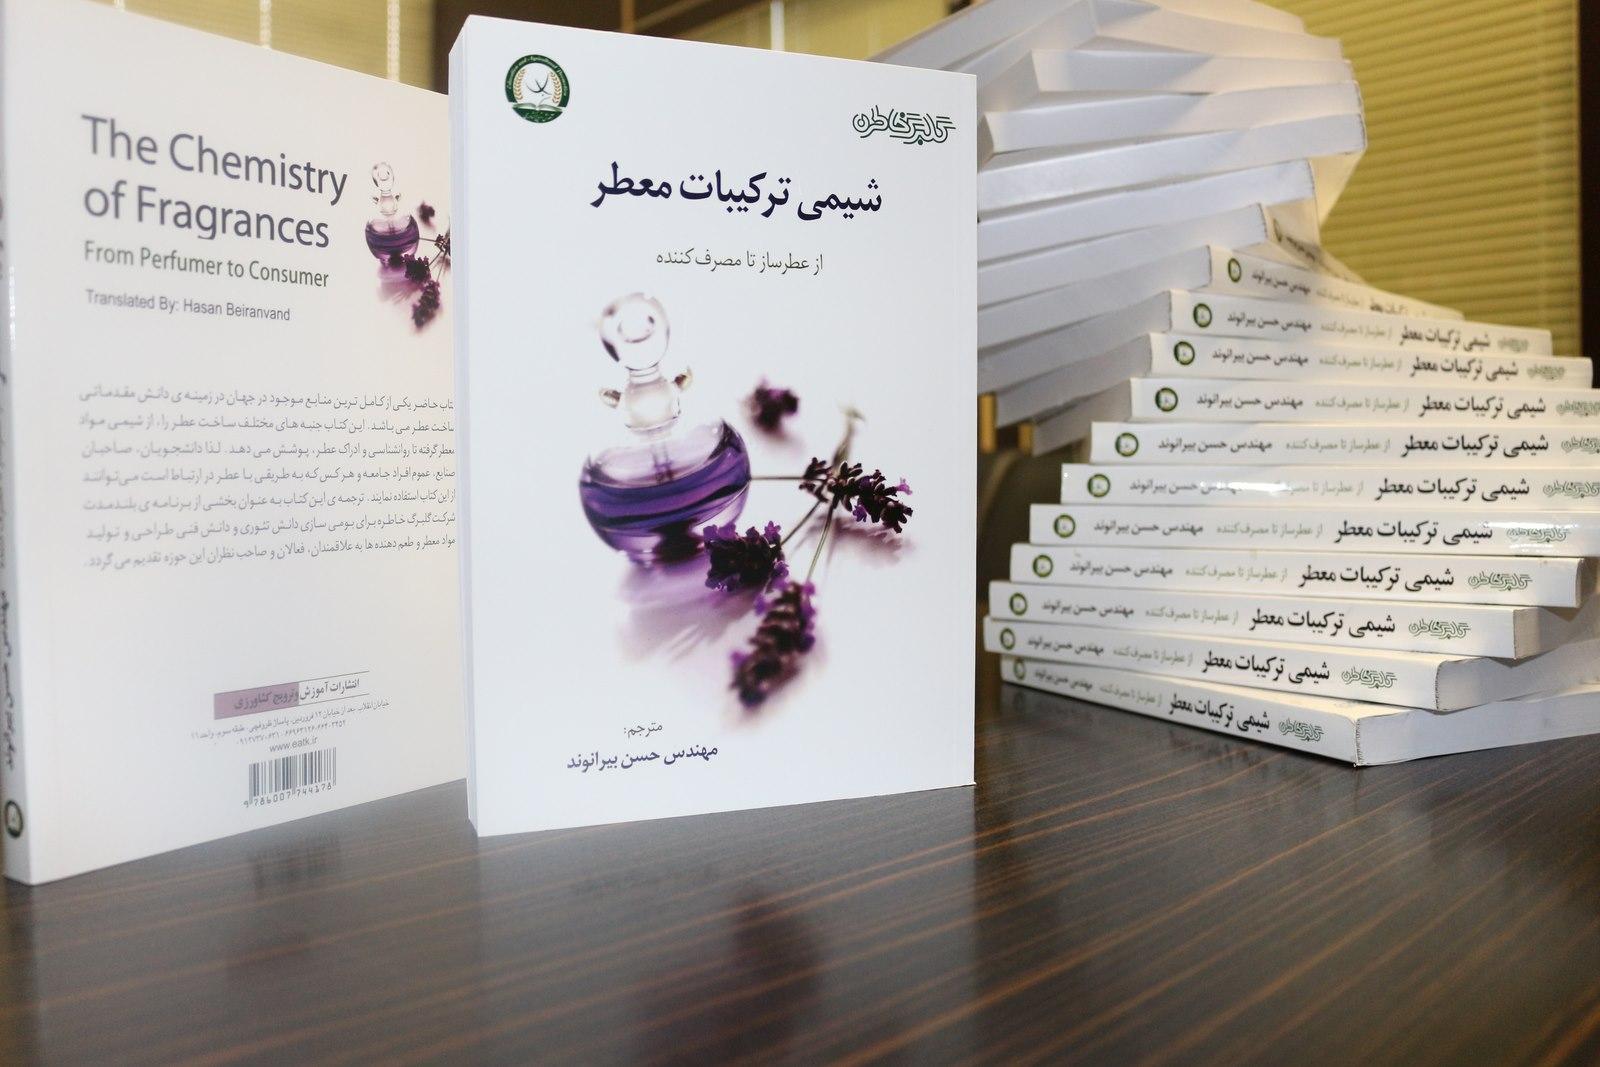 معرفی و بررسی کتاب شیمی ترکیبات معطر: از عطرساز تا مصرف کننده